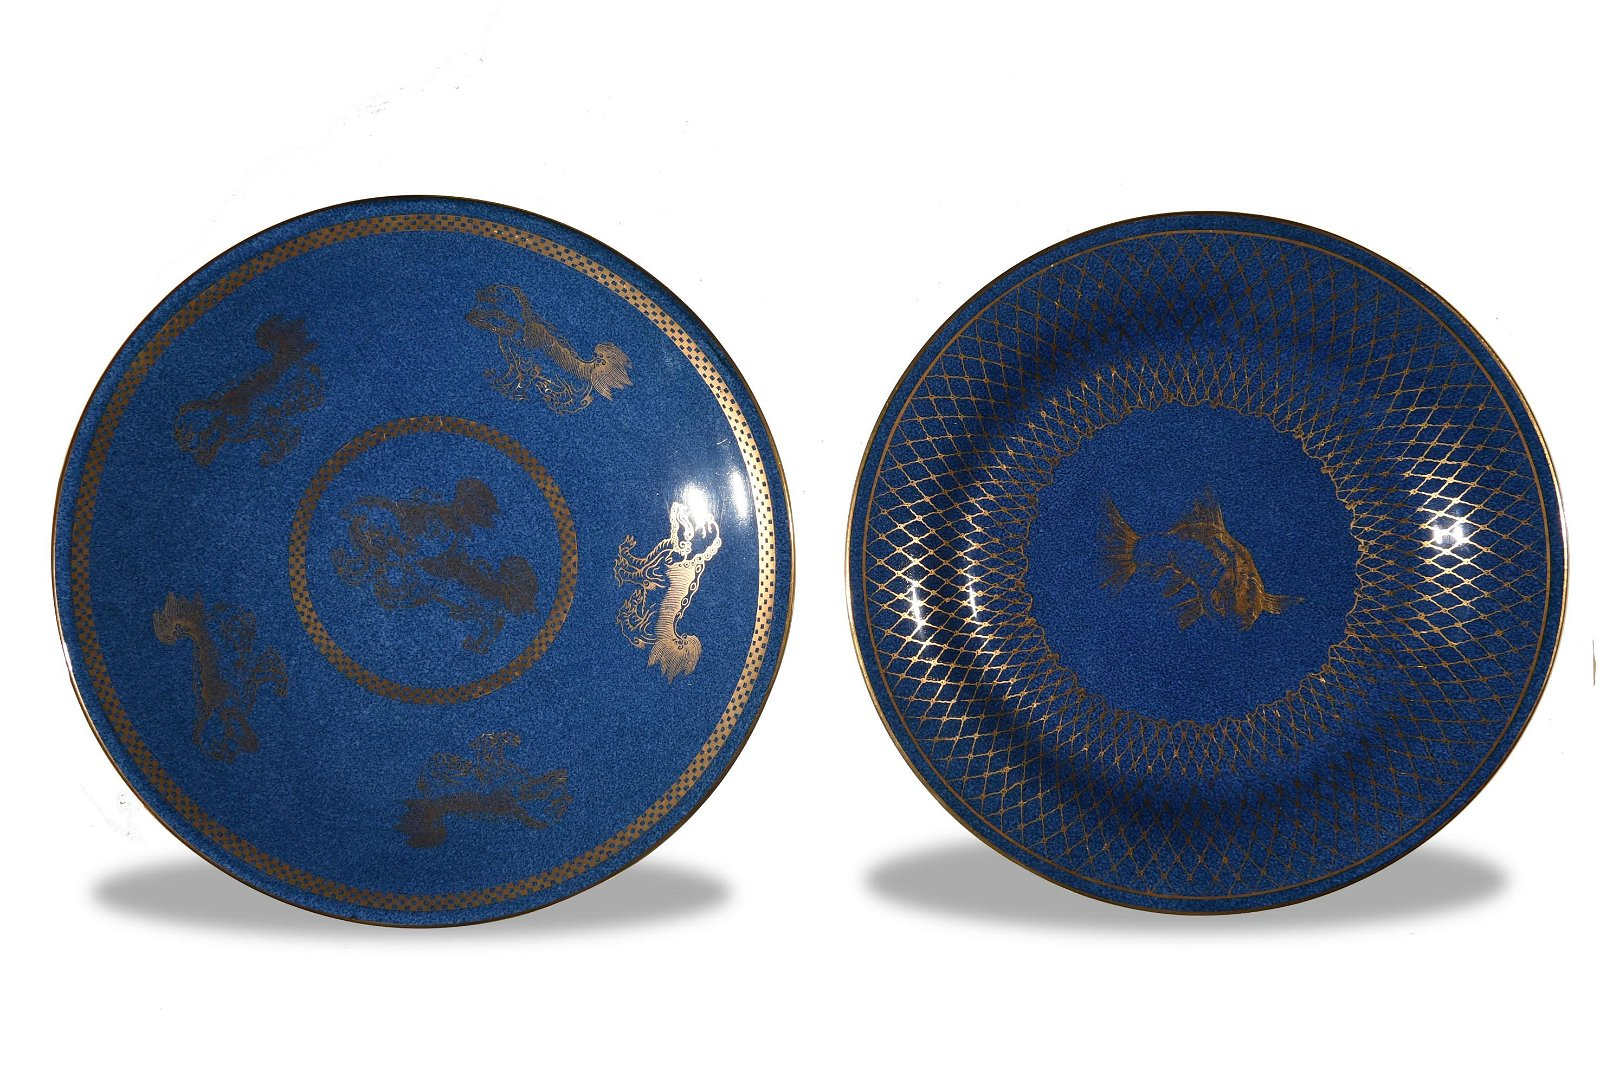 2 Wedgwood Porcelain Plates